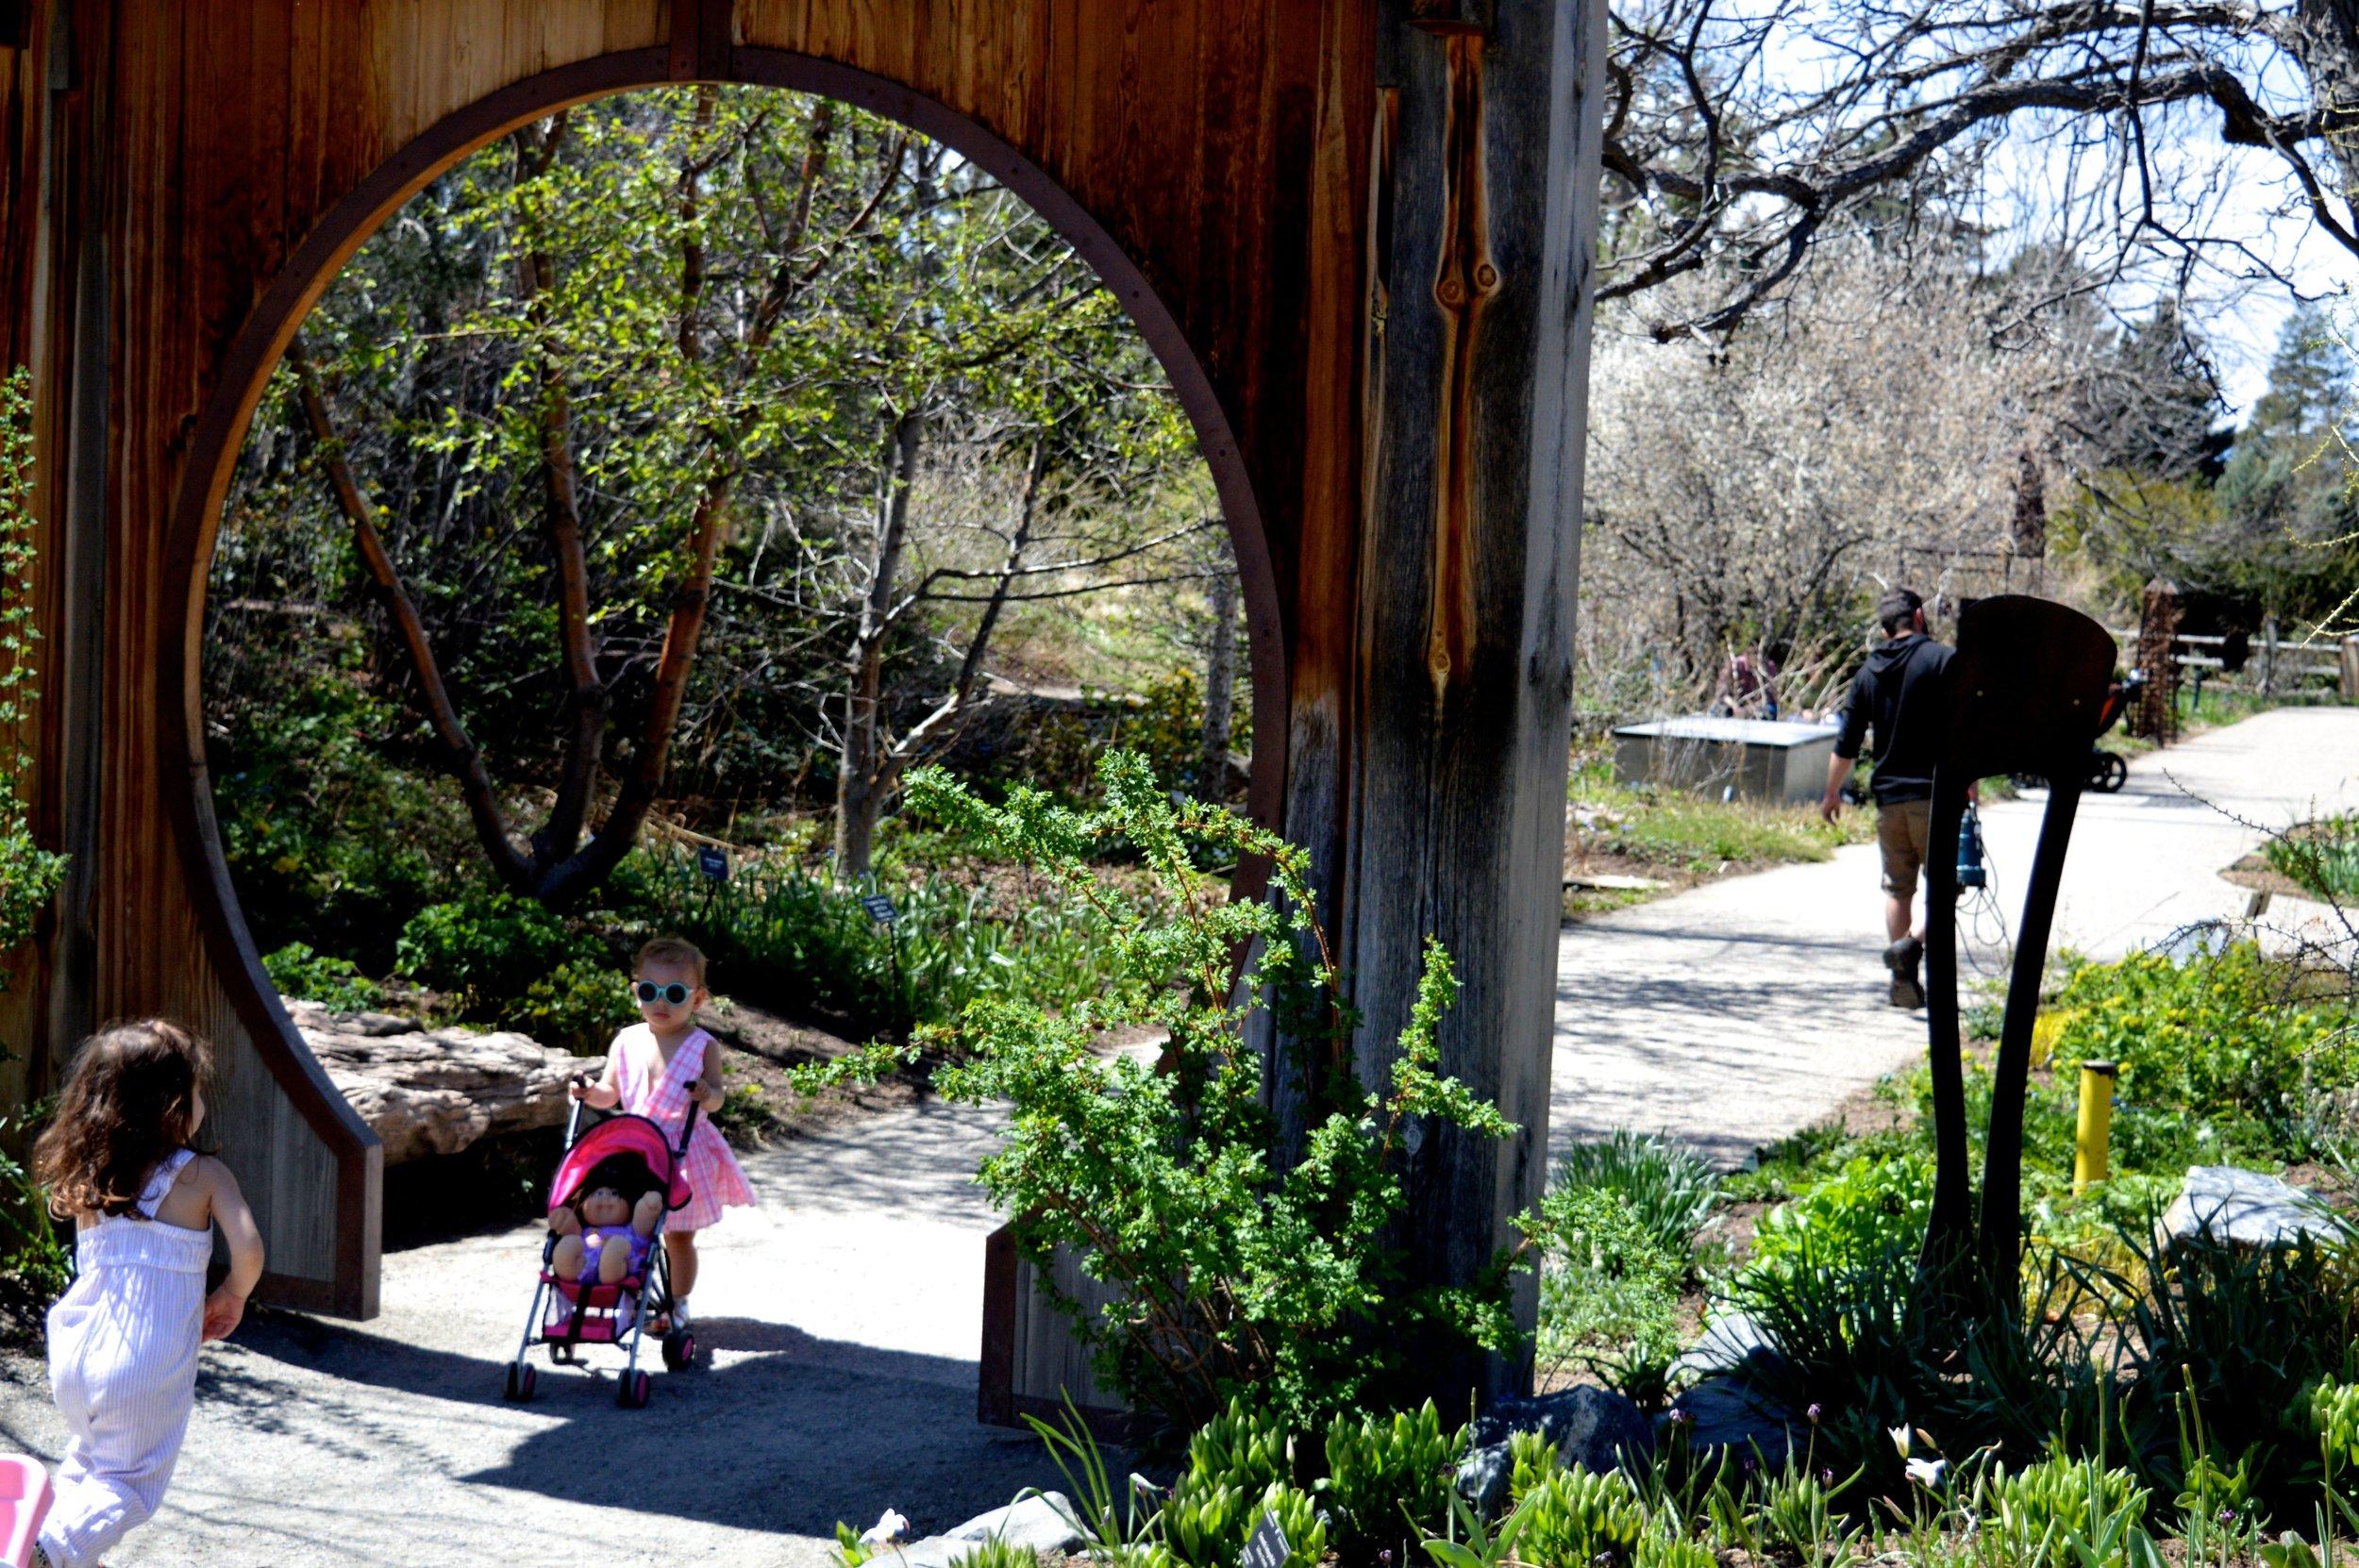 denver-botanic-gardens-April-13-15-1.jpg